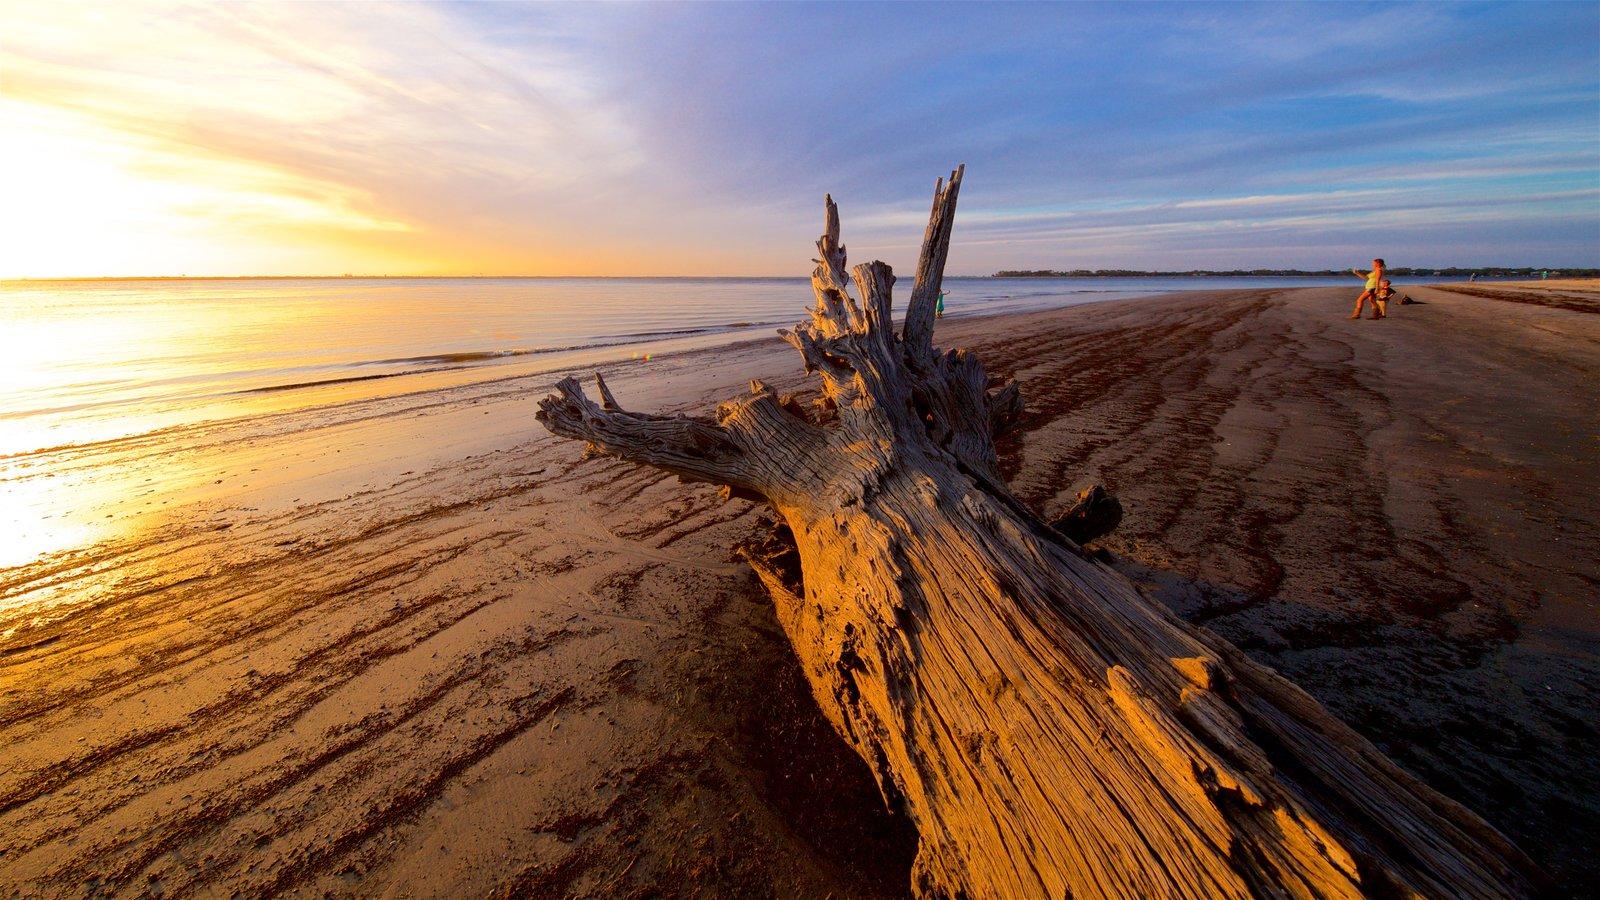 Driftwood Beach que inclui paisagens litorâneas, um pôr do sol e uma praia de areia